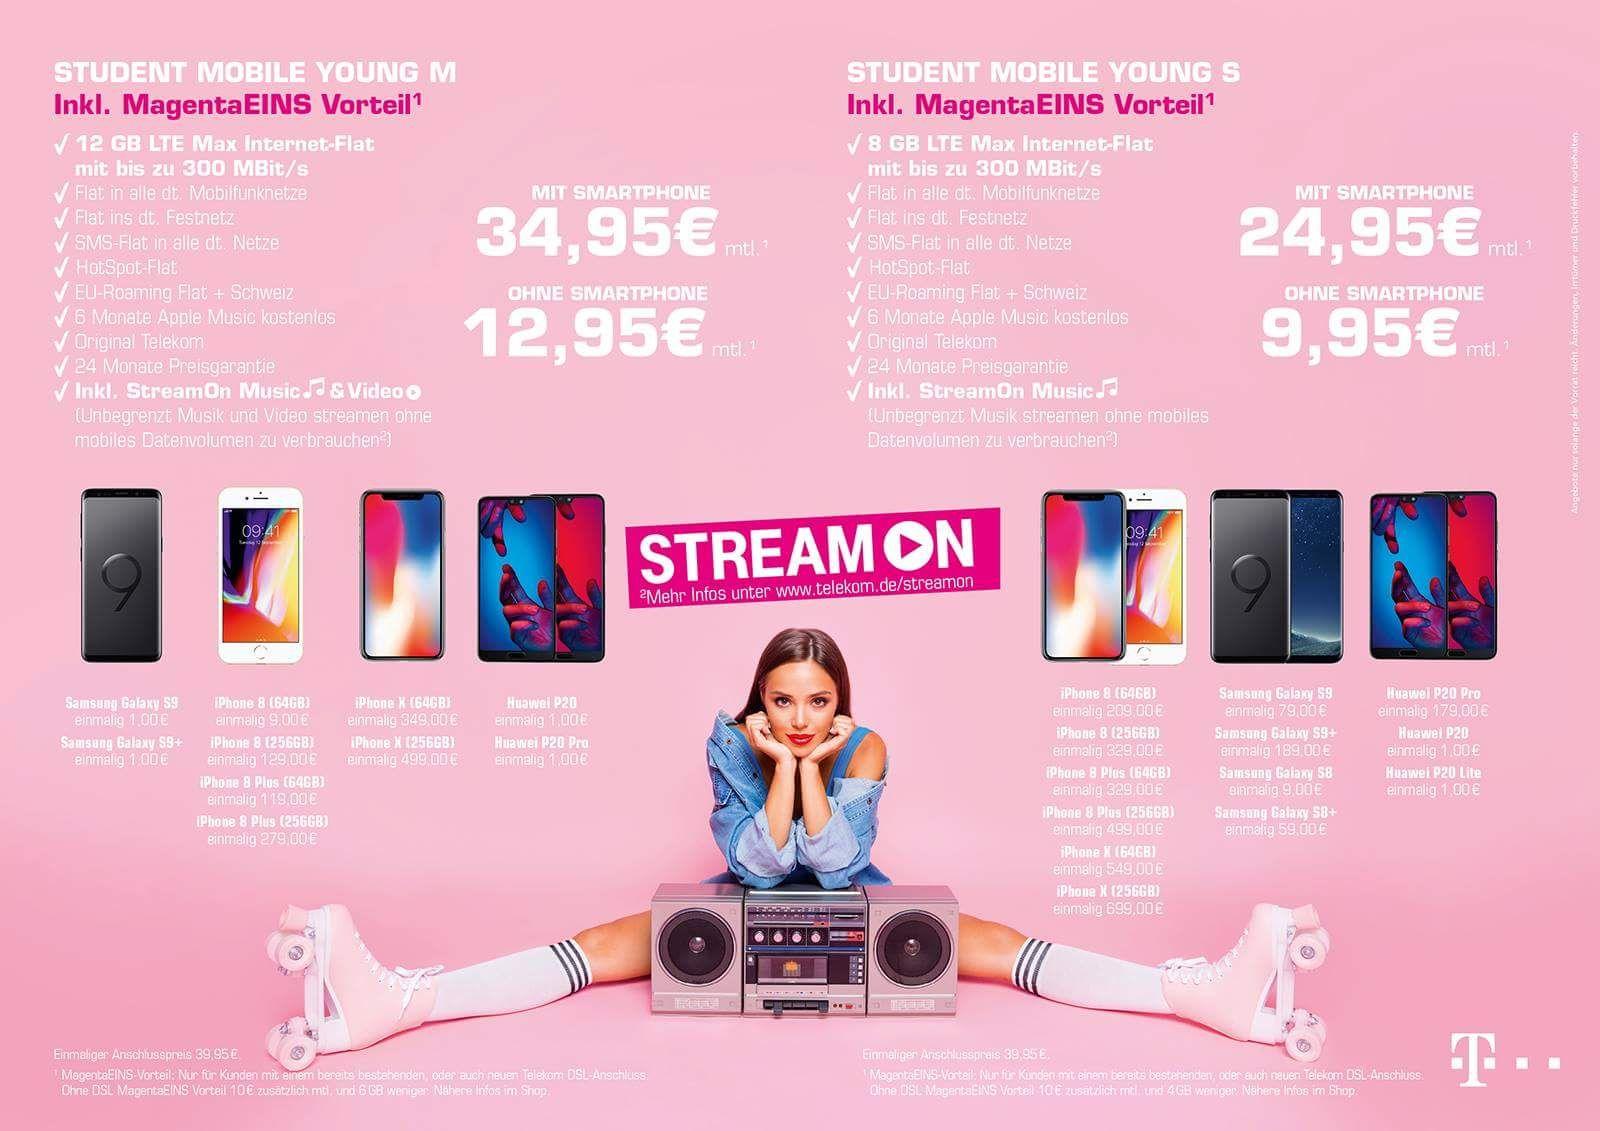 (KÖLN/BOCHUM) Telekom&Vodafone Junge Leute mit GigaKombi MagentaEinsVorteil